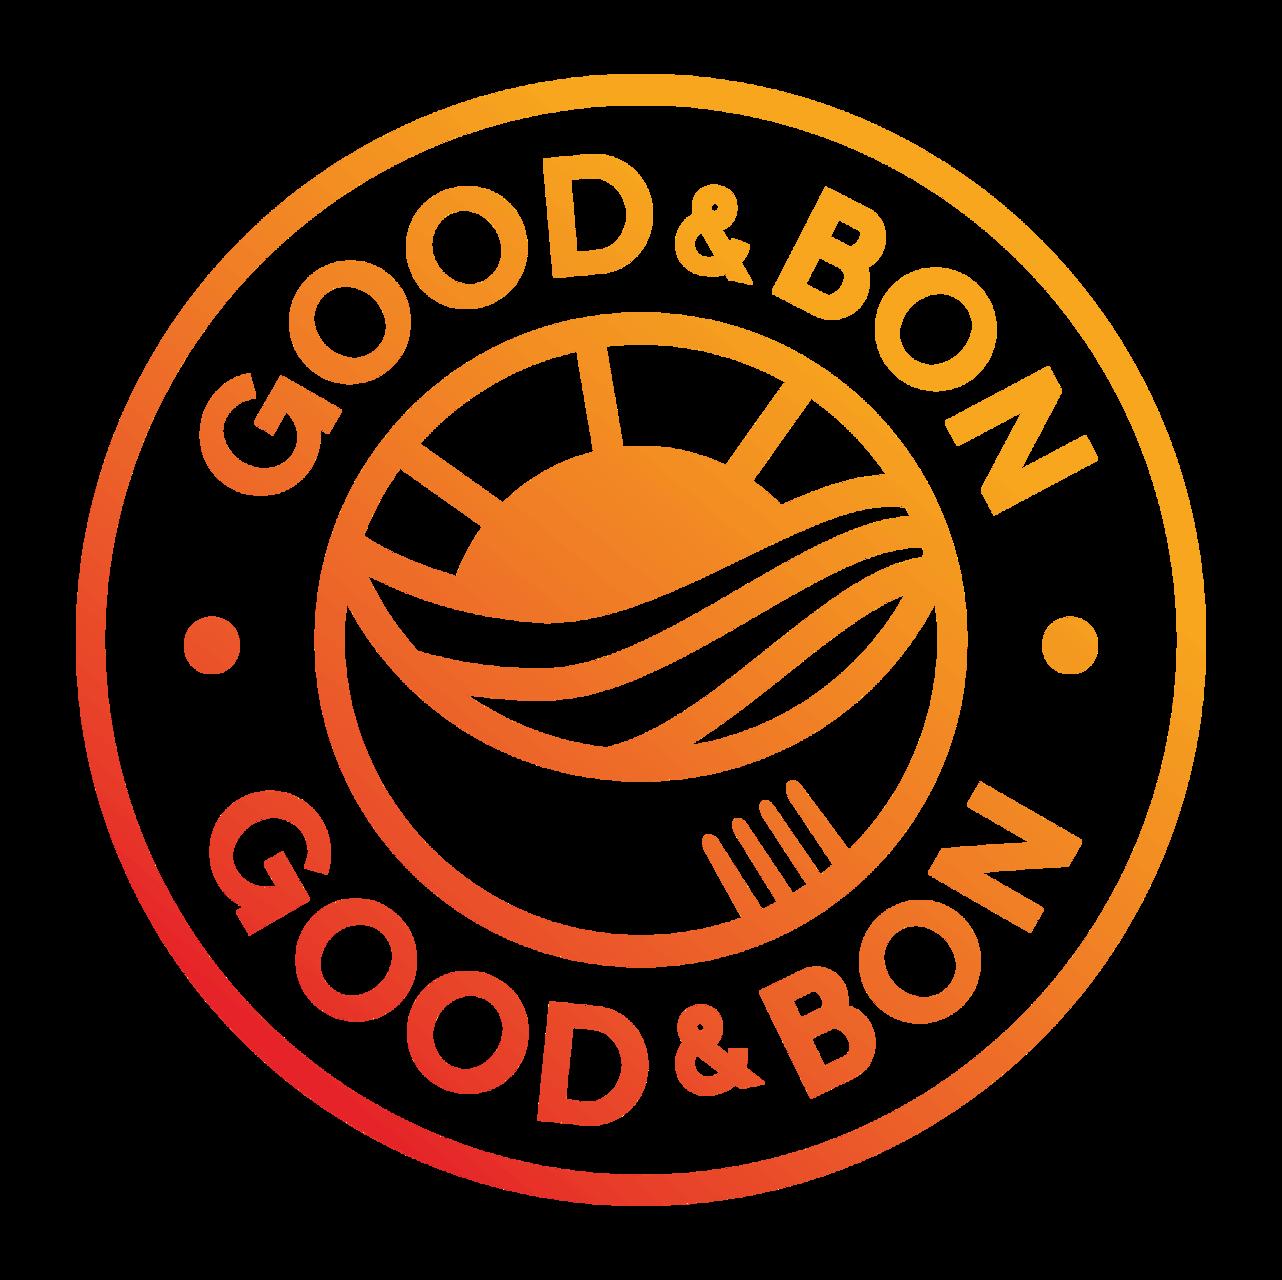 Good&Bon